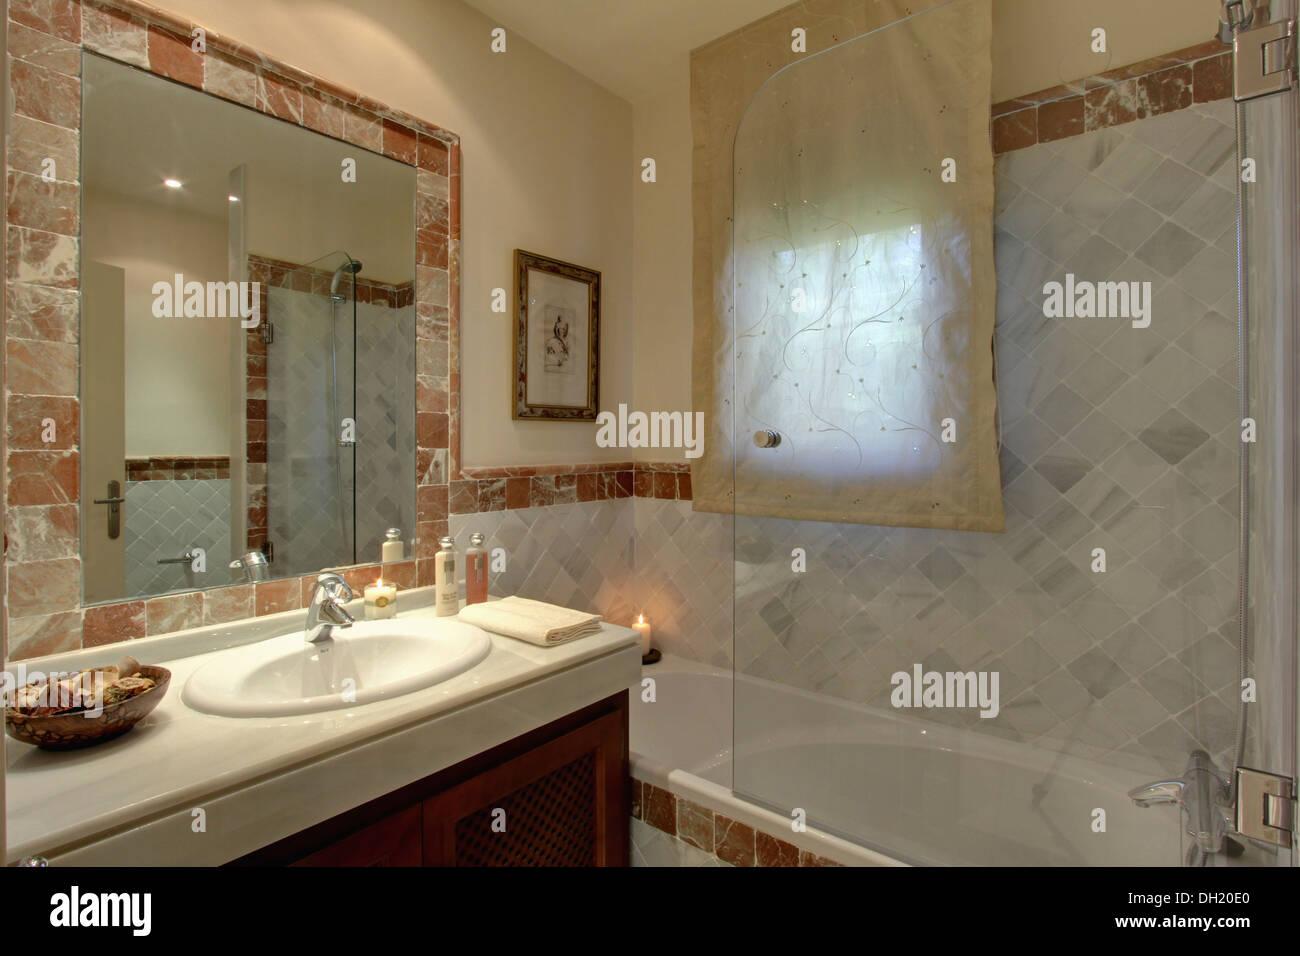 Mampara de cristal en el baño moderno baño de mármol con voile ciego ...